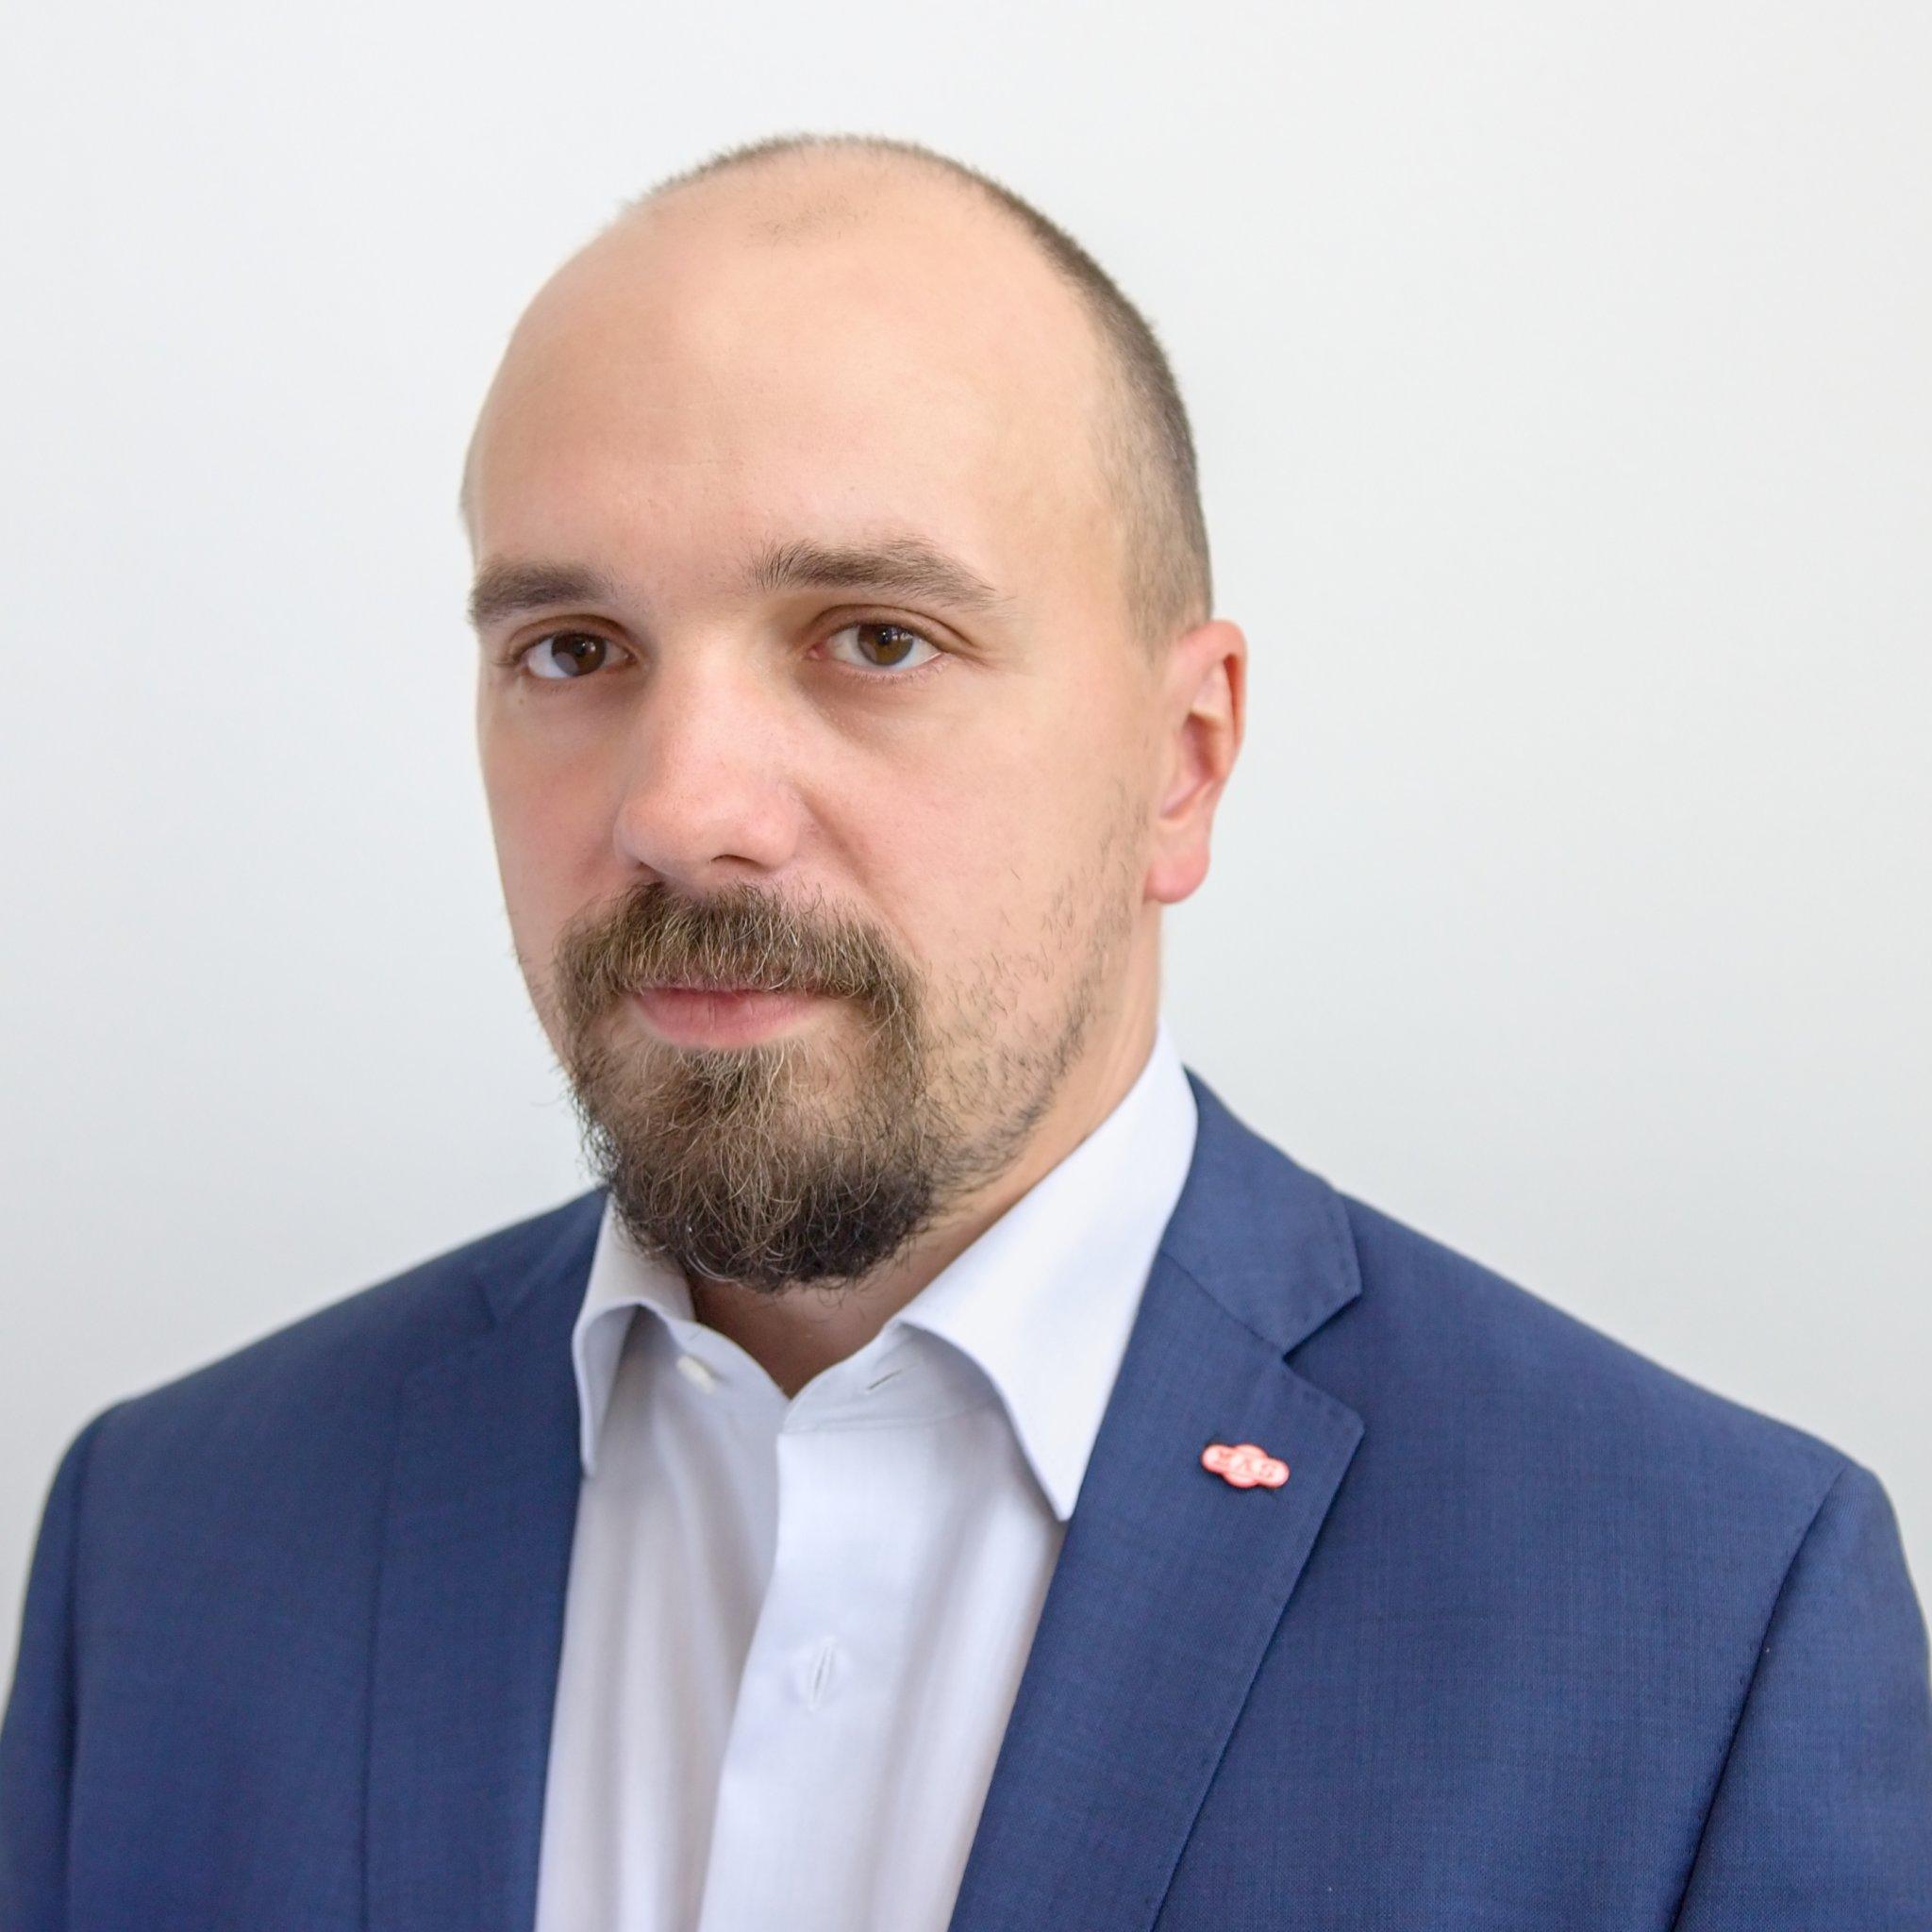 Jan Andrys